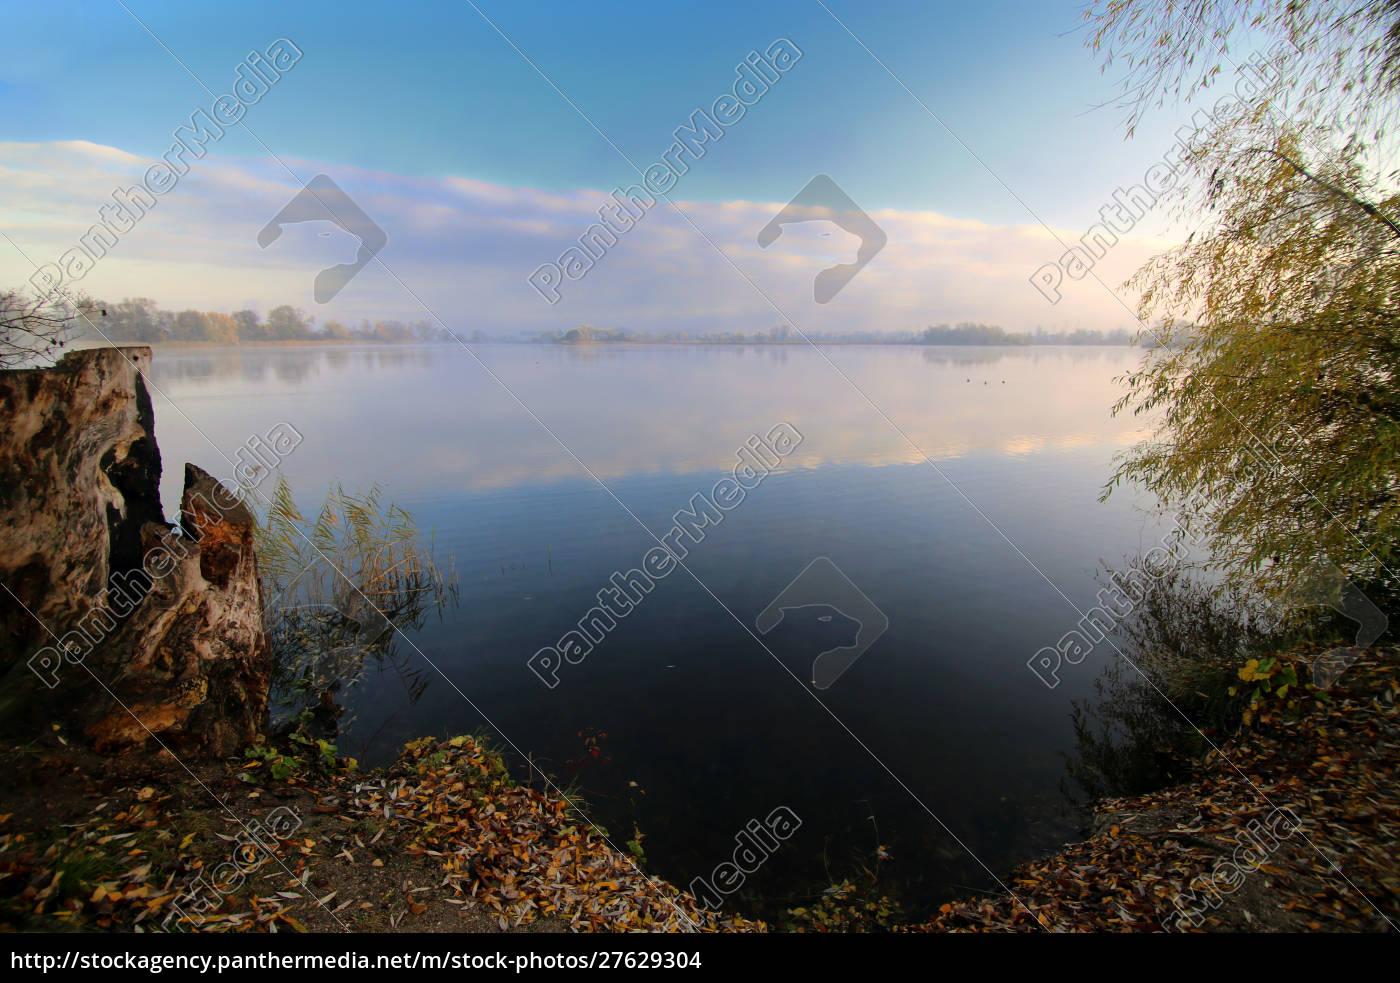 na, margem, do, lago, erlich, perto - 27629304